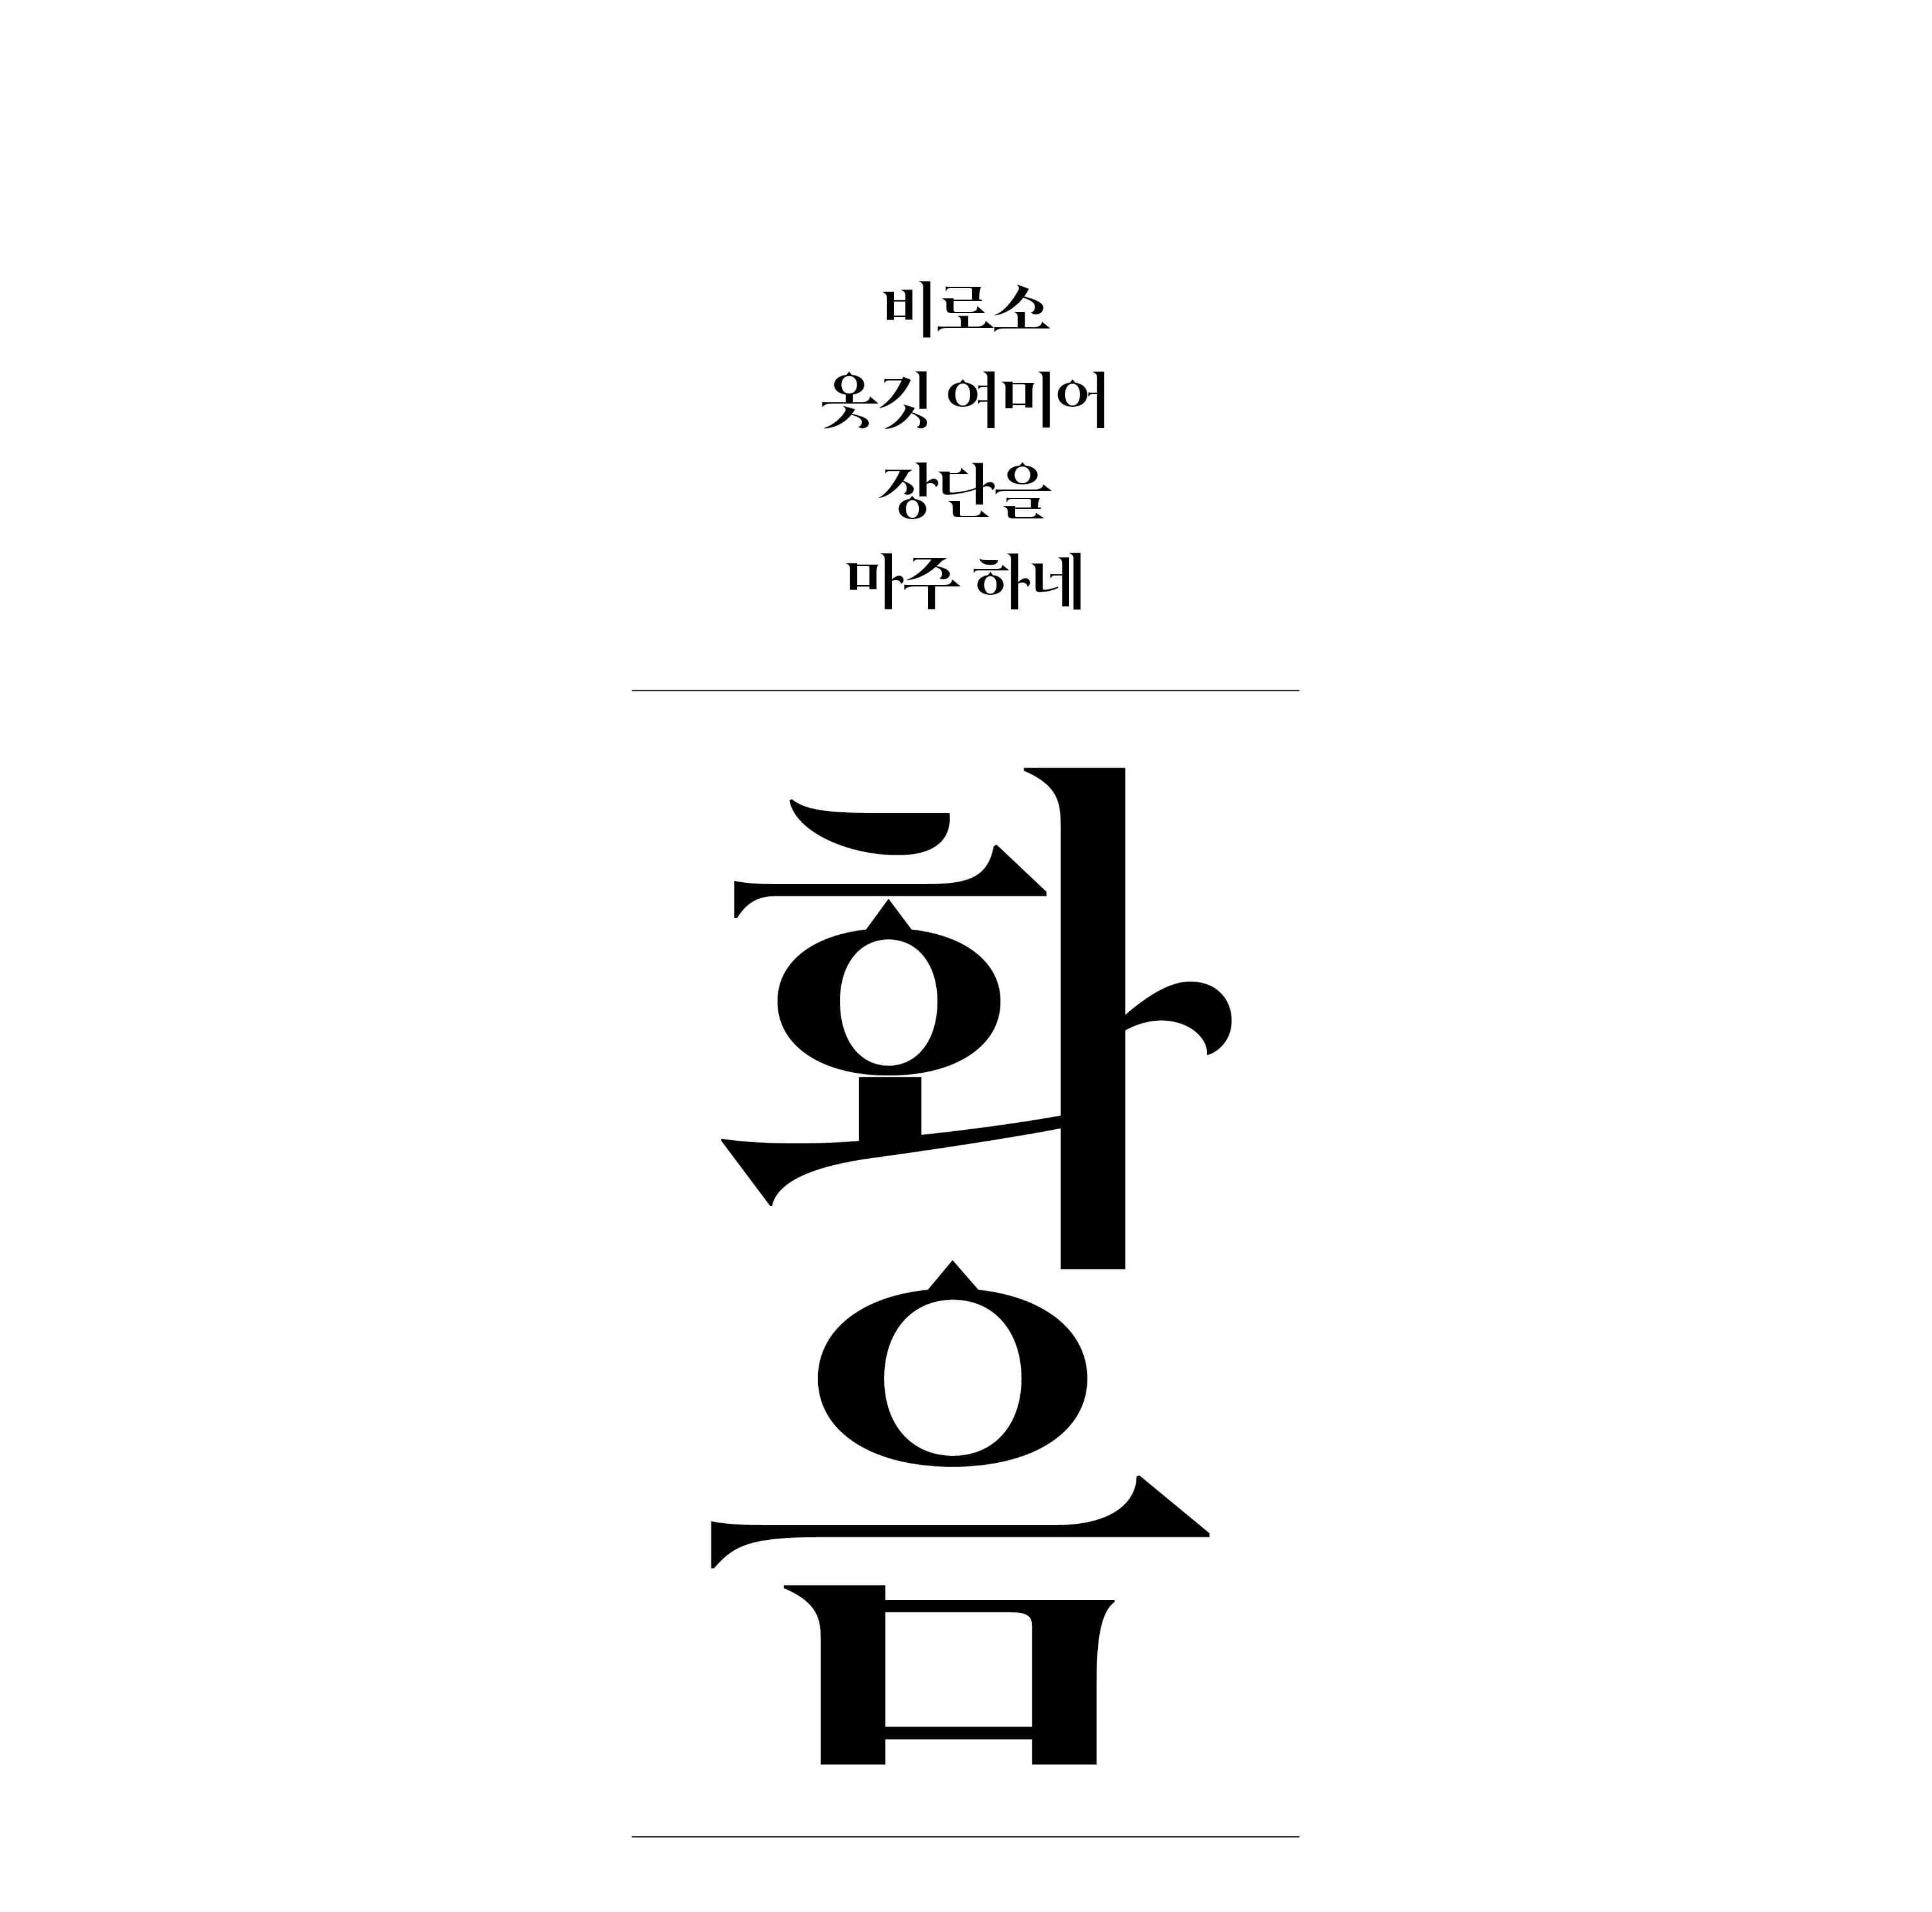 화음시리즈 - 득음 (강정숙)